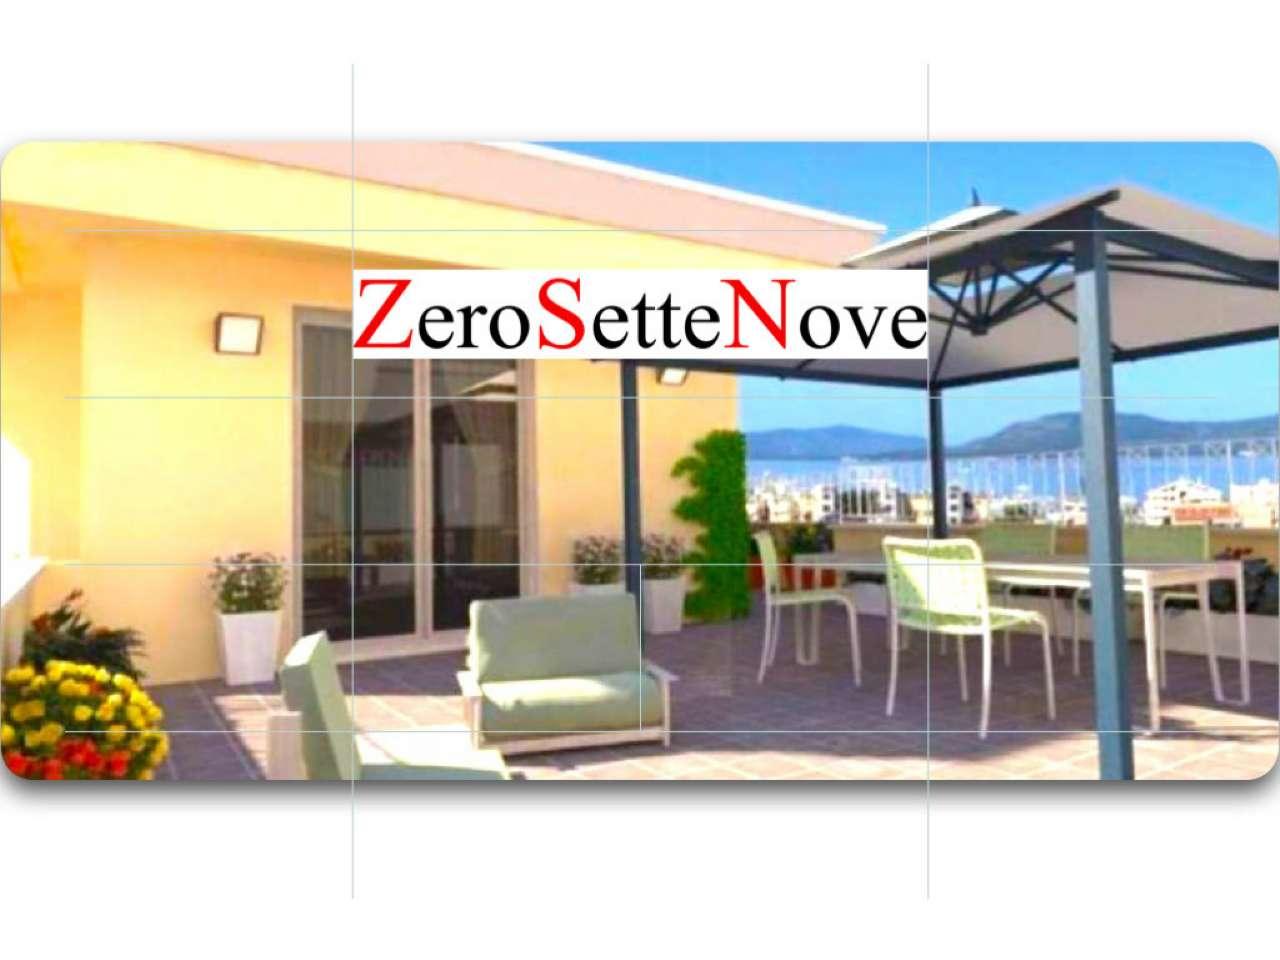 Attico / Mansarda in vendita a Alghero, 6 locali, prezzo € 524.000 | CambioCasa.it